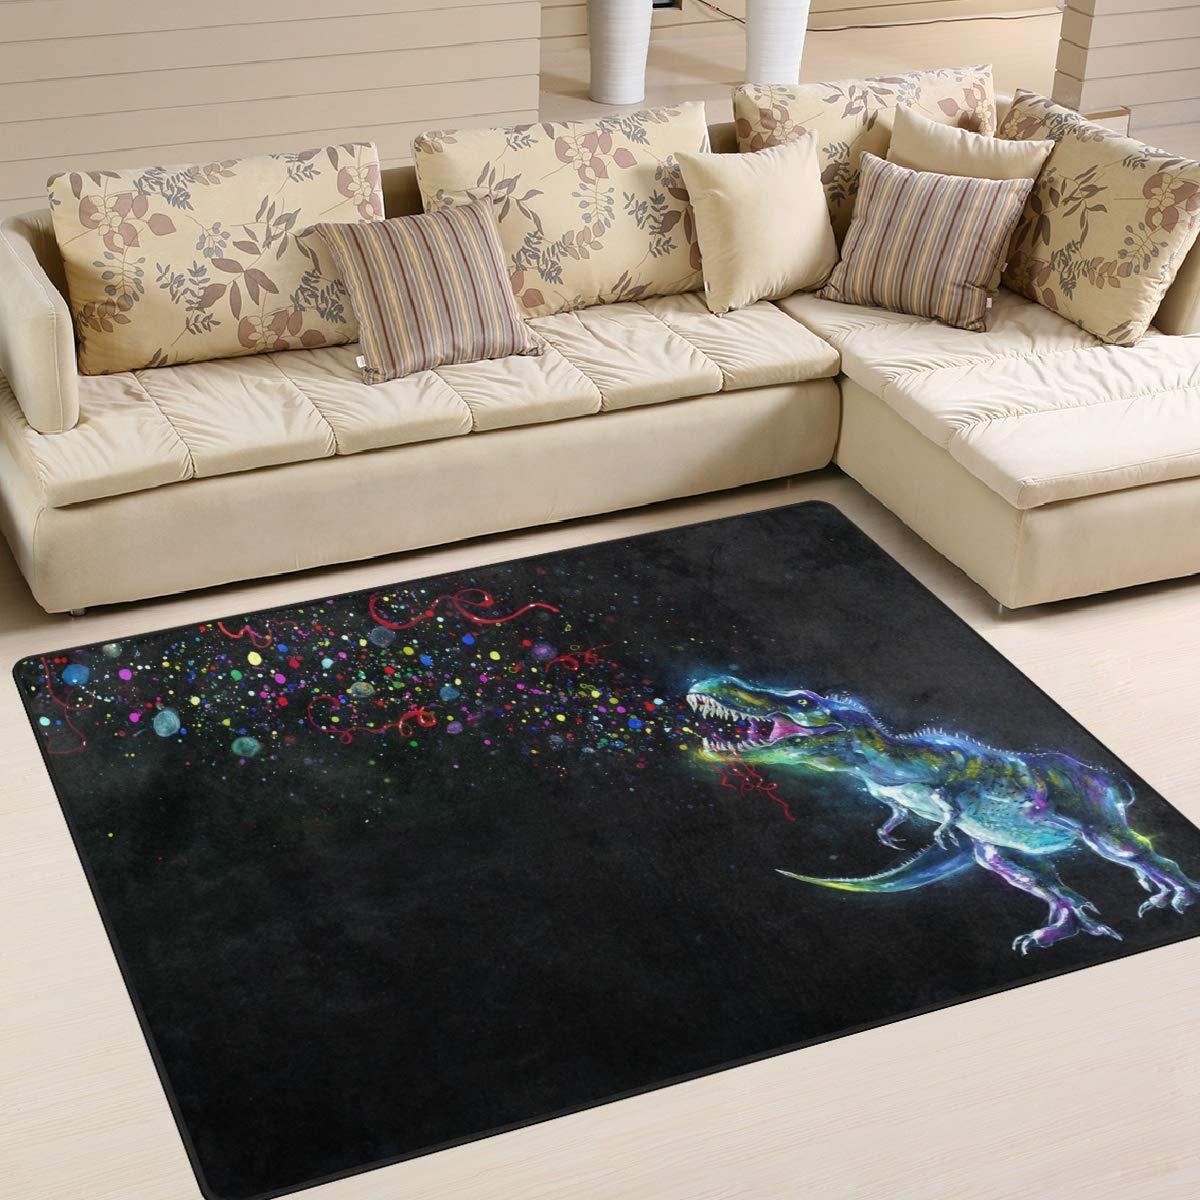 BALII Dinosaurier farbspektrums Rainbow Party Sparkles Kinder Bereich Teppich Matte Matte Matte Boden Teppich 203 x 147 cm, Polyester, Multi, 80